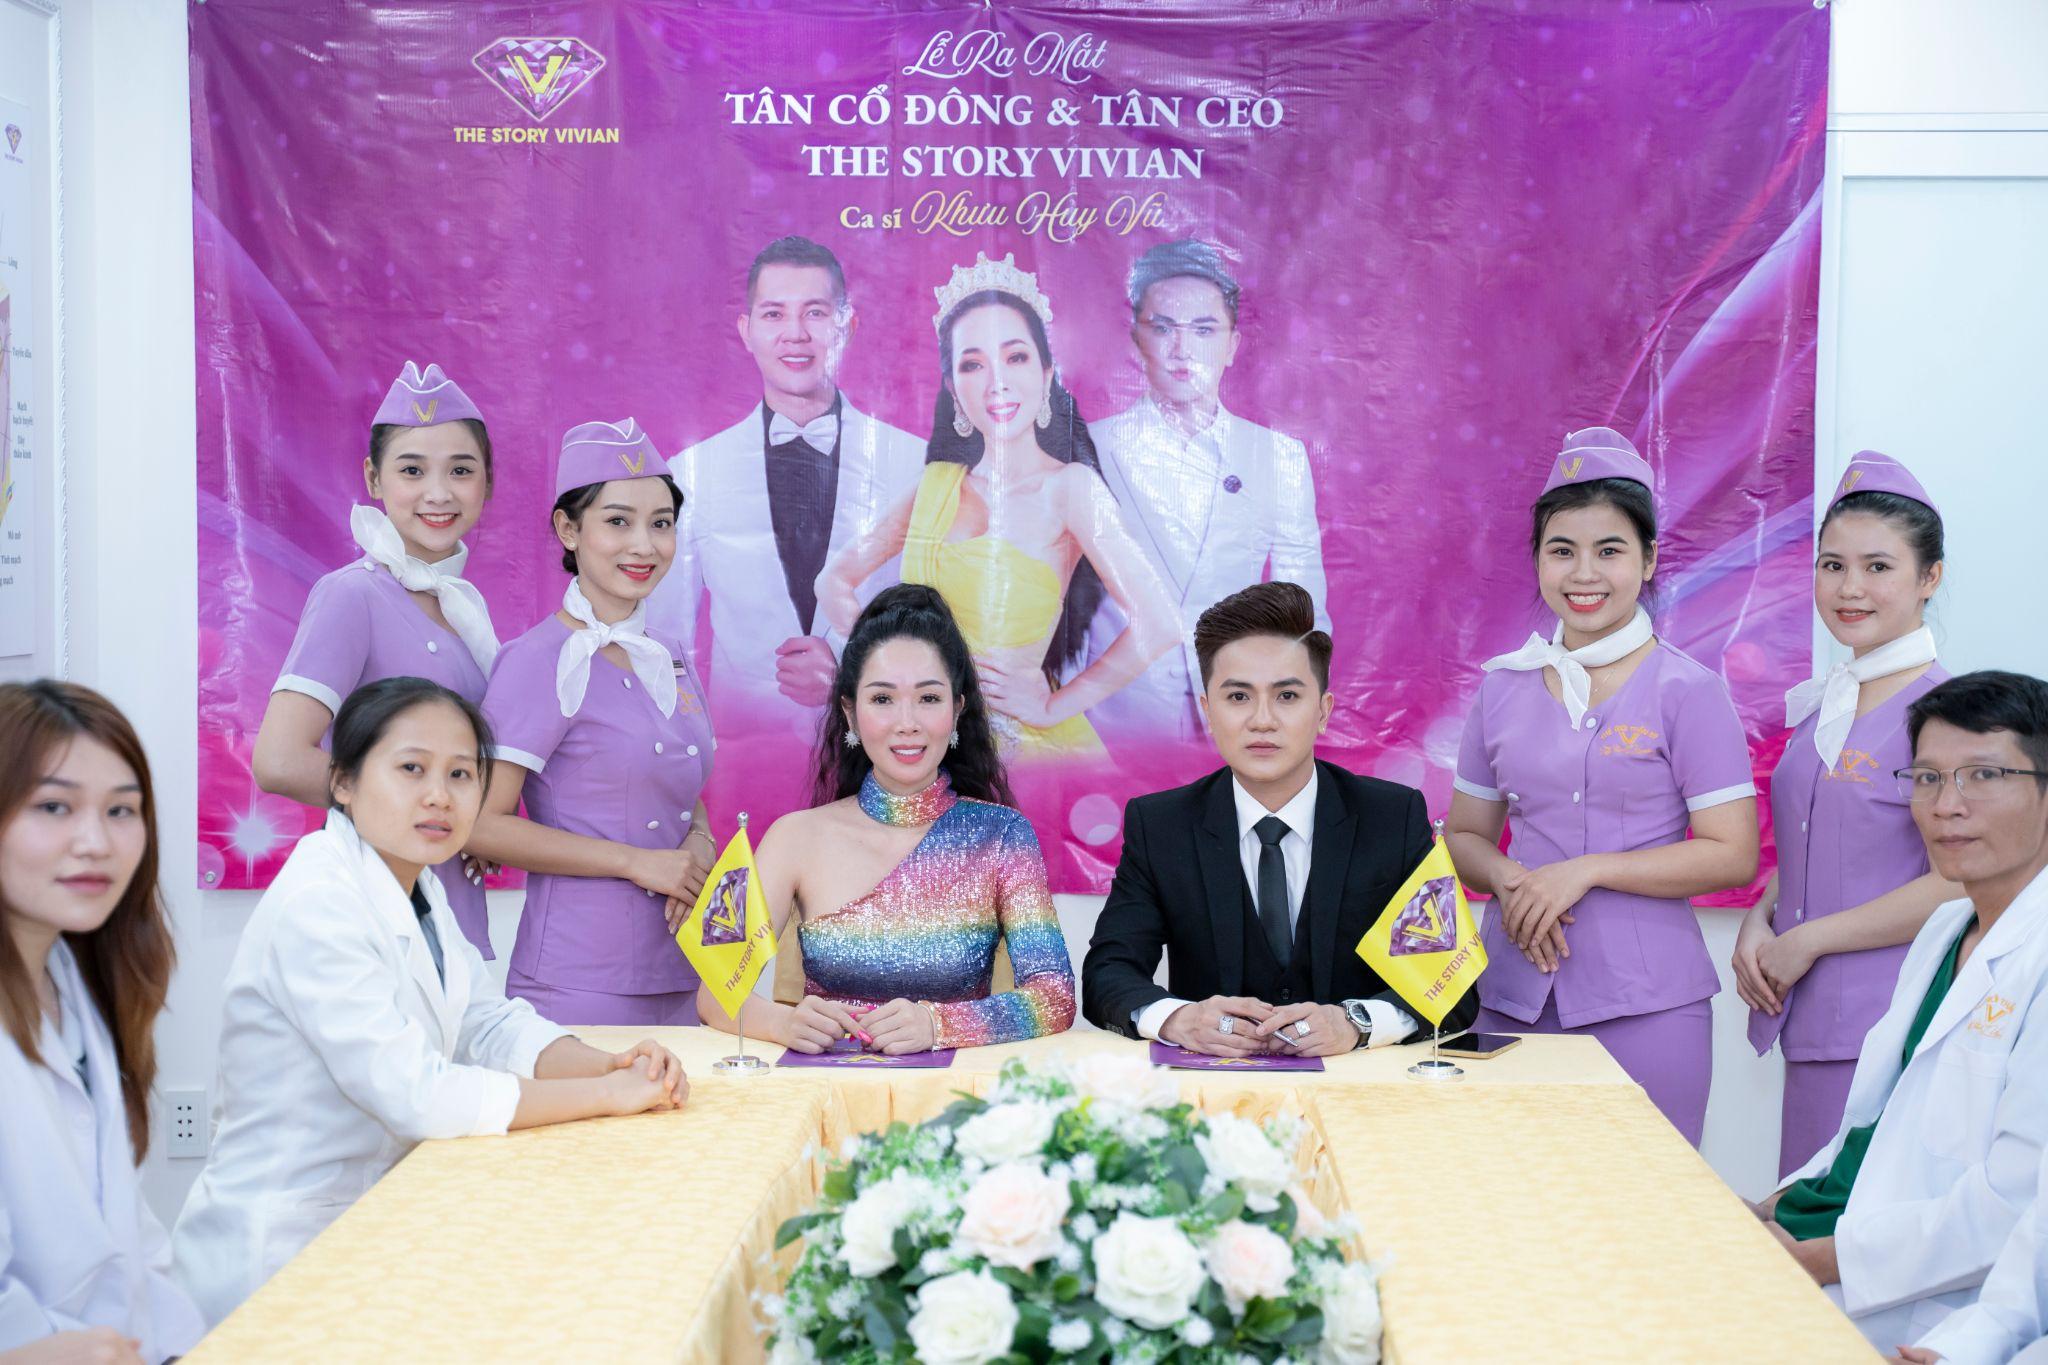 Ca sĩ Khưu Huy Vũ vừa trở thành CEO Vivian Group.